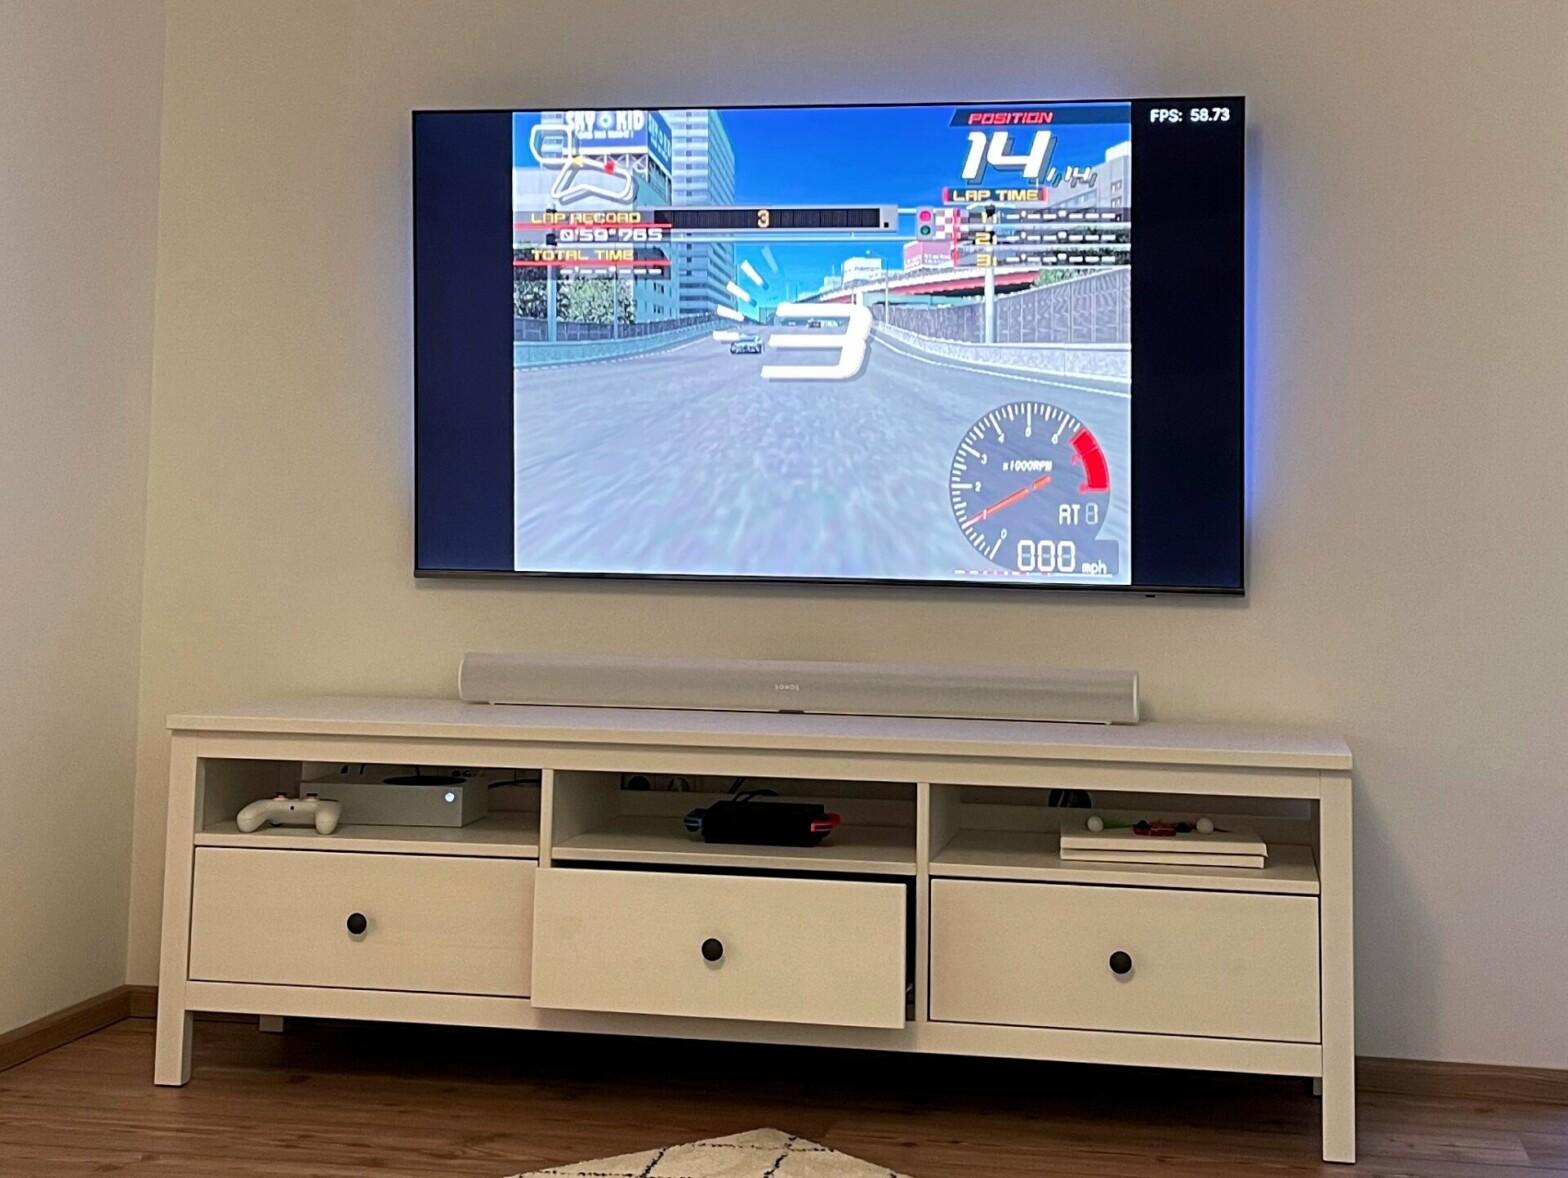 Meine Xbox Series S beim ersten Start von Ridge Racer V.